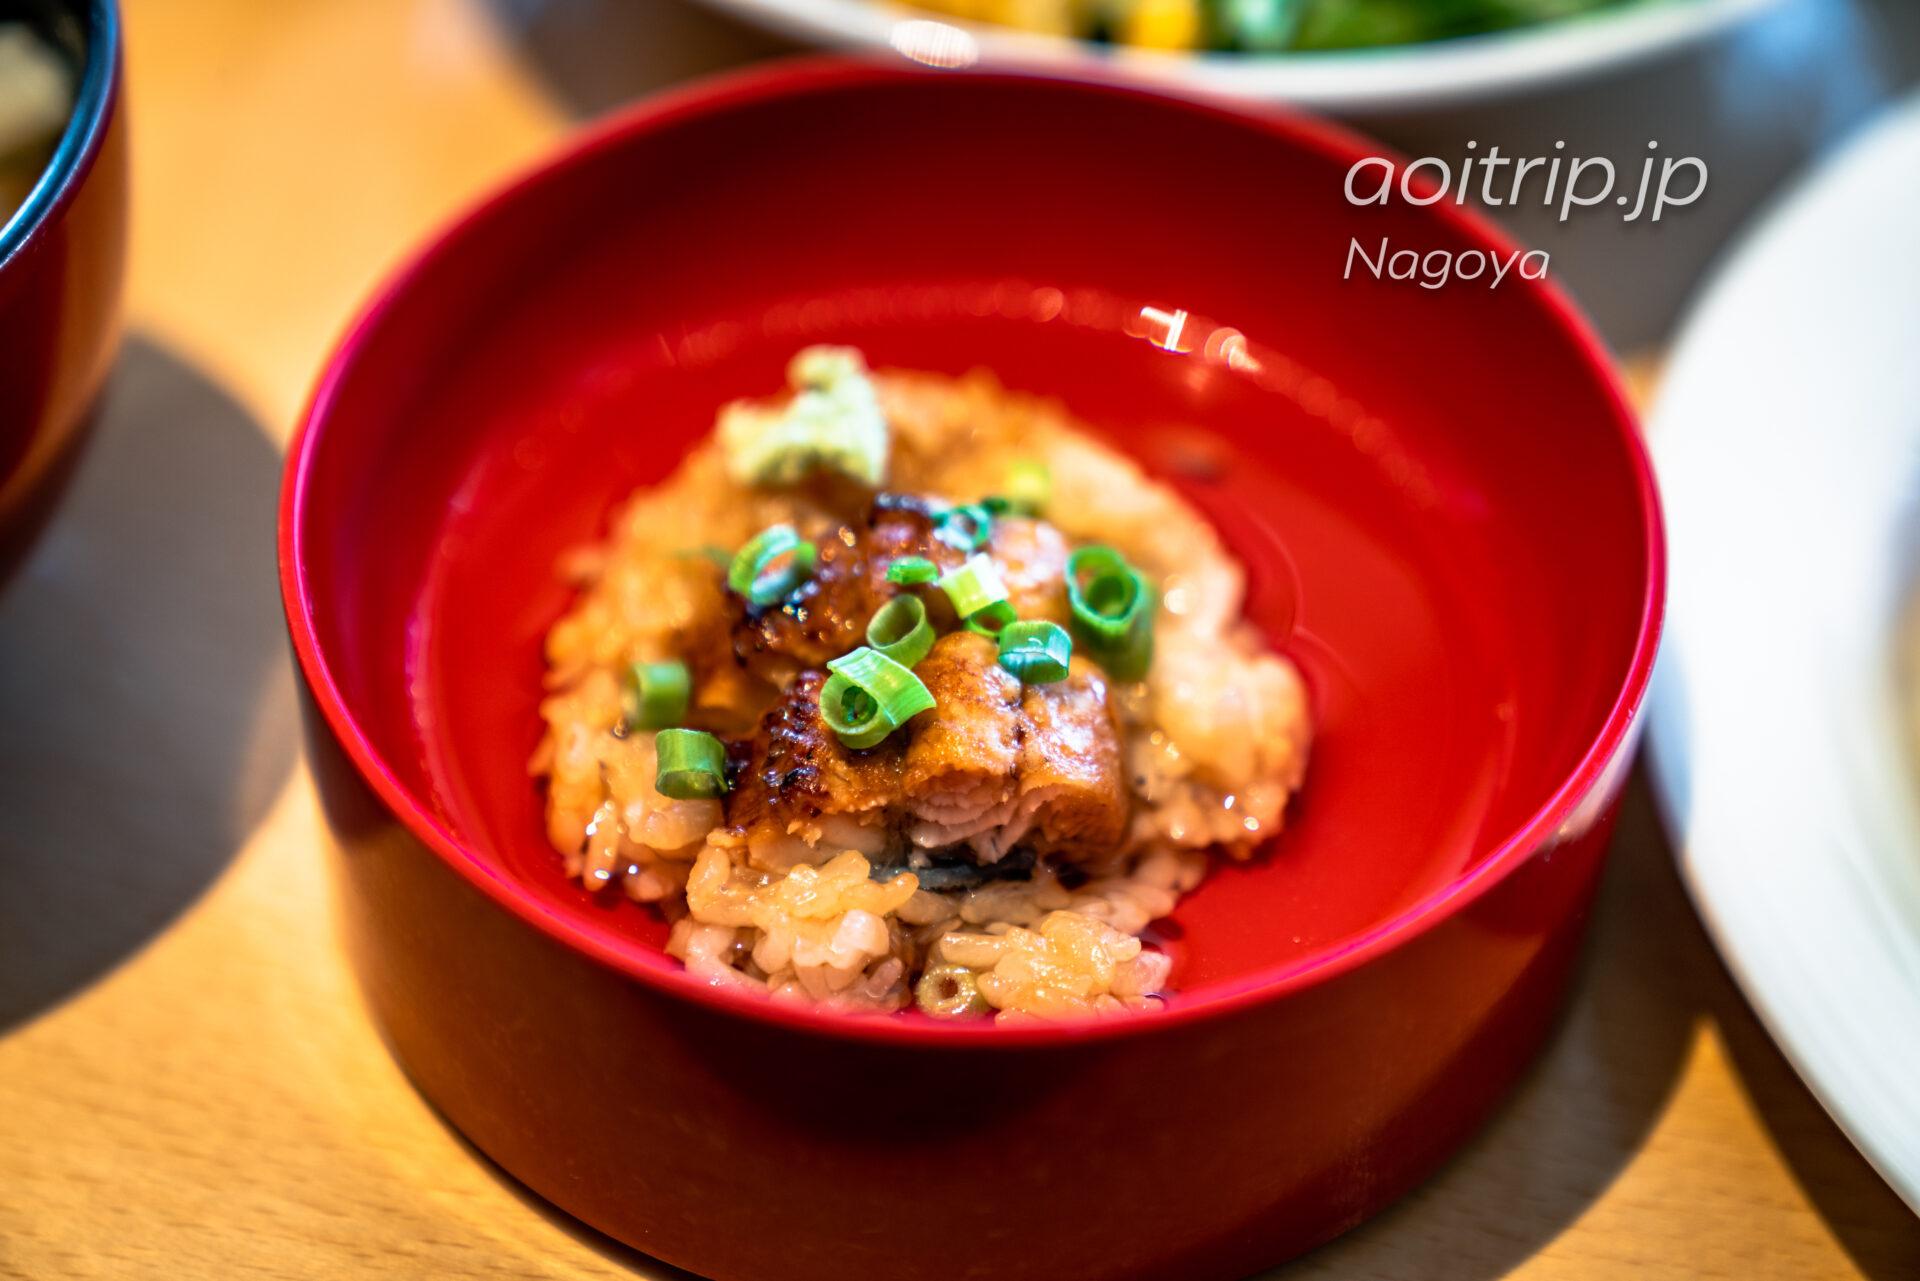 ANAクラウンプラザホテルグランコート名古屋 宿泊記|ANA Crowne Plaza Hotel Grand Court Nagoya 朝食 ひつまぶし